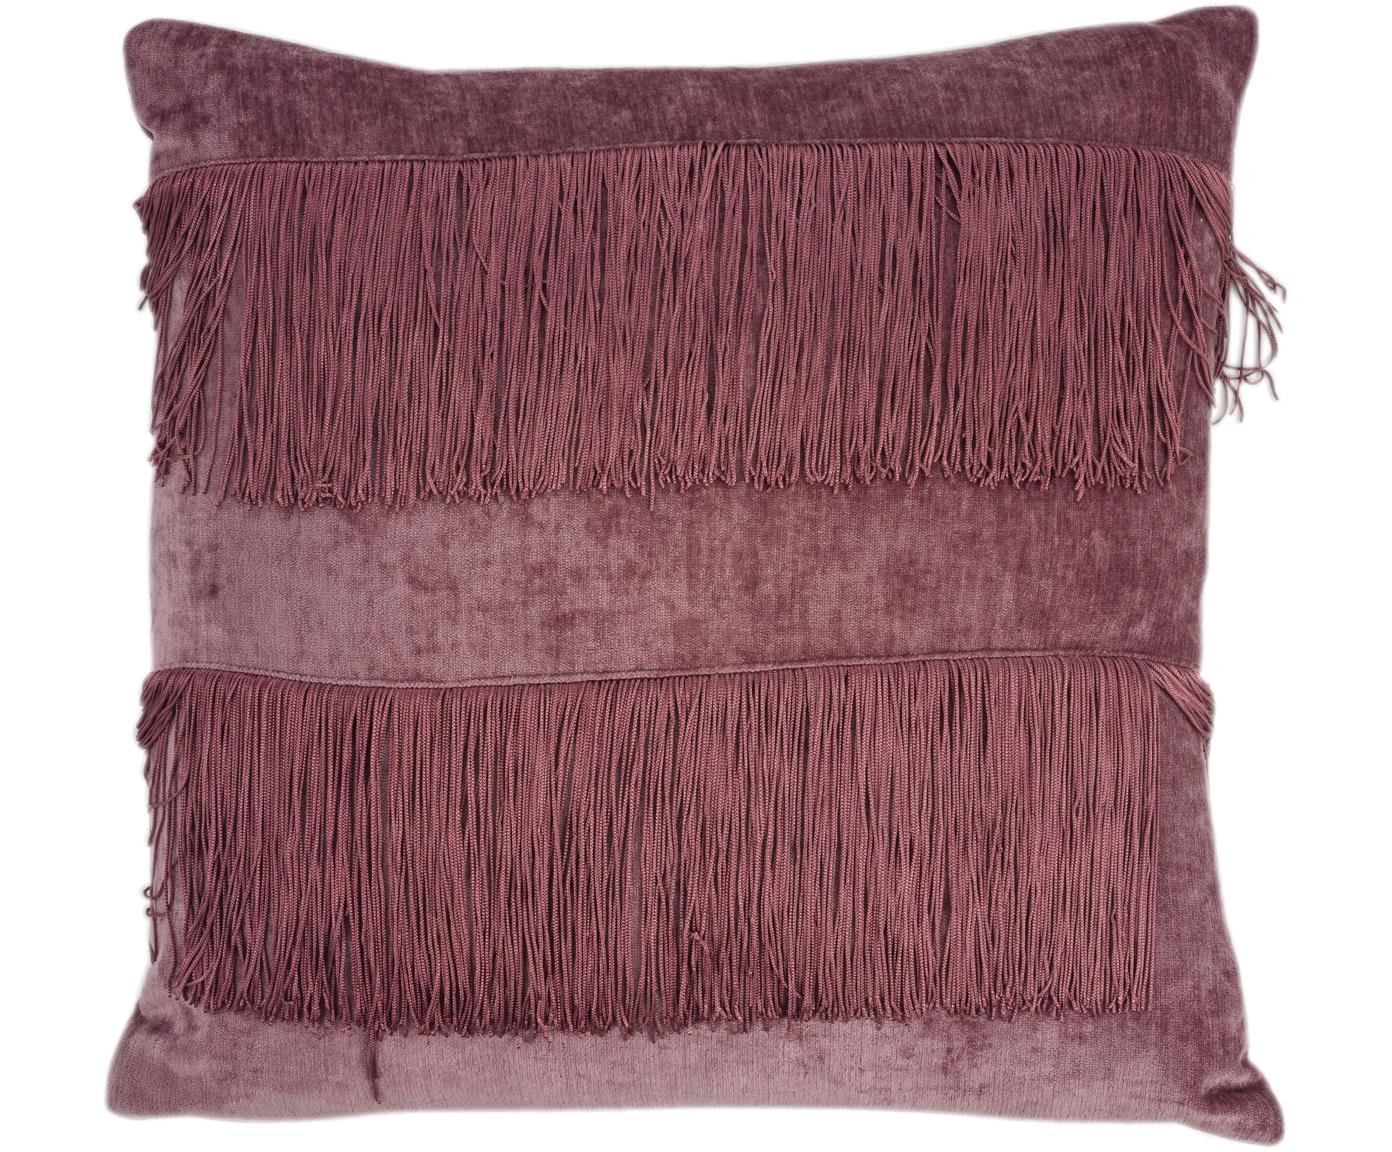 Schimmerndes Kissen Stefanie mit Fransen, mit Inlett, Bezug: Polyester, Rosa, 45 x 45 cm